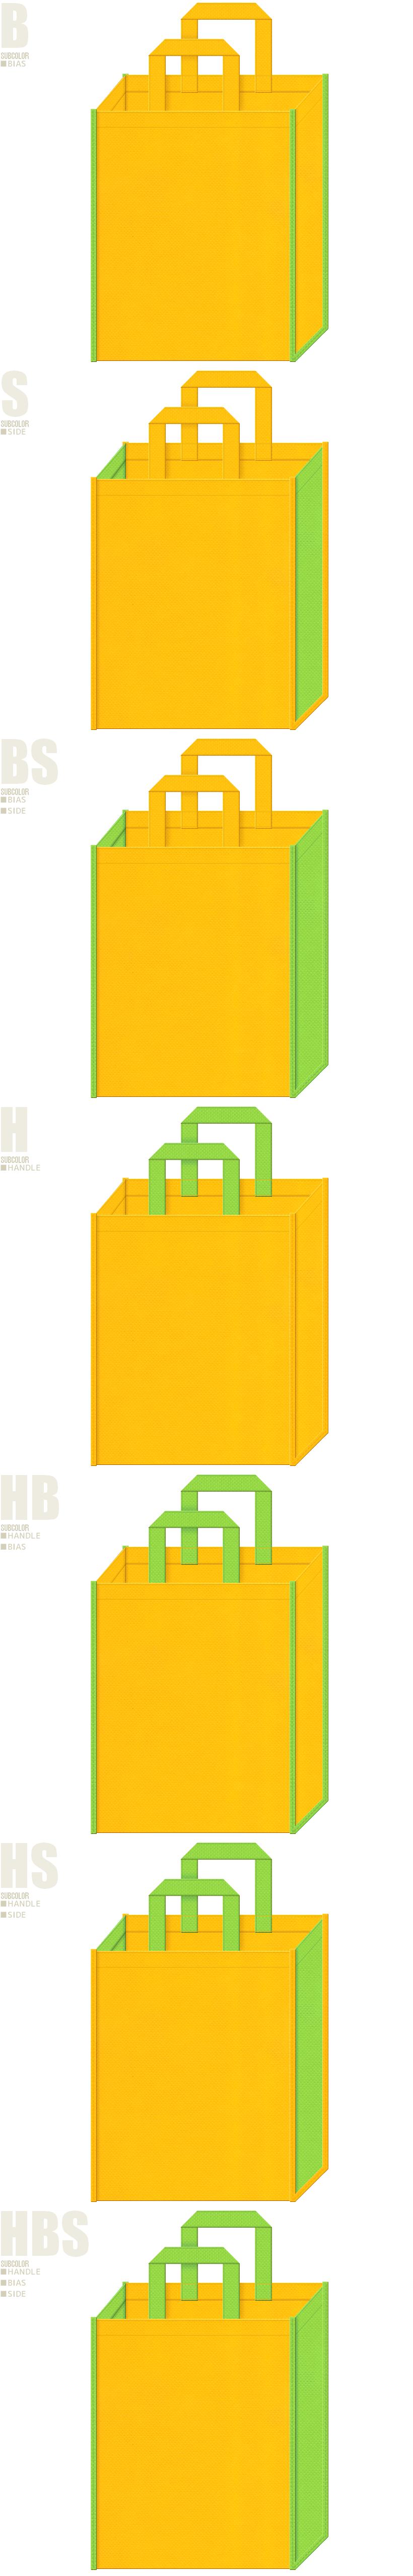 コーン・とうもろこし・インコ・菜の花・テーマパークにお奨めの不織布バッグデザイン:黄色と黄緑色の配色7パターン